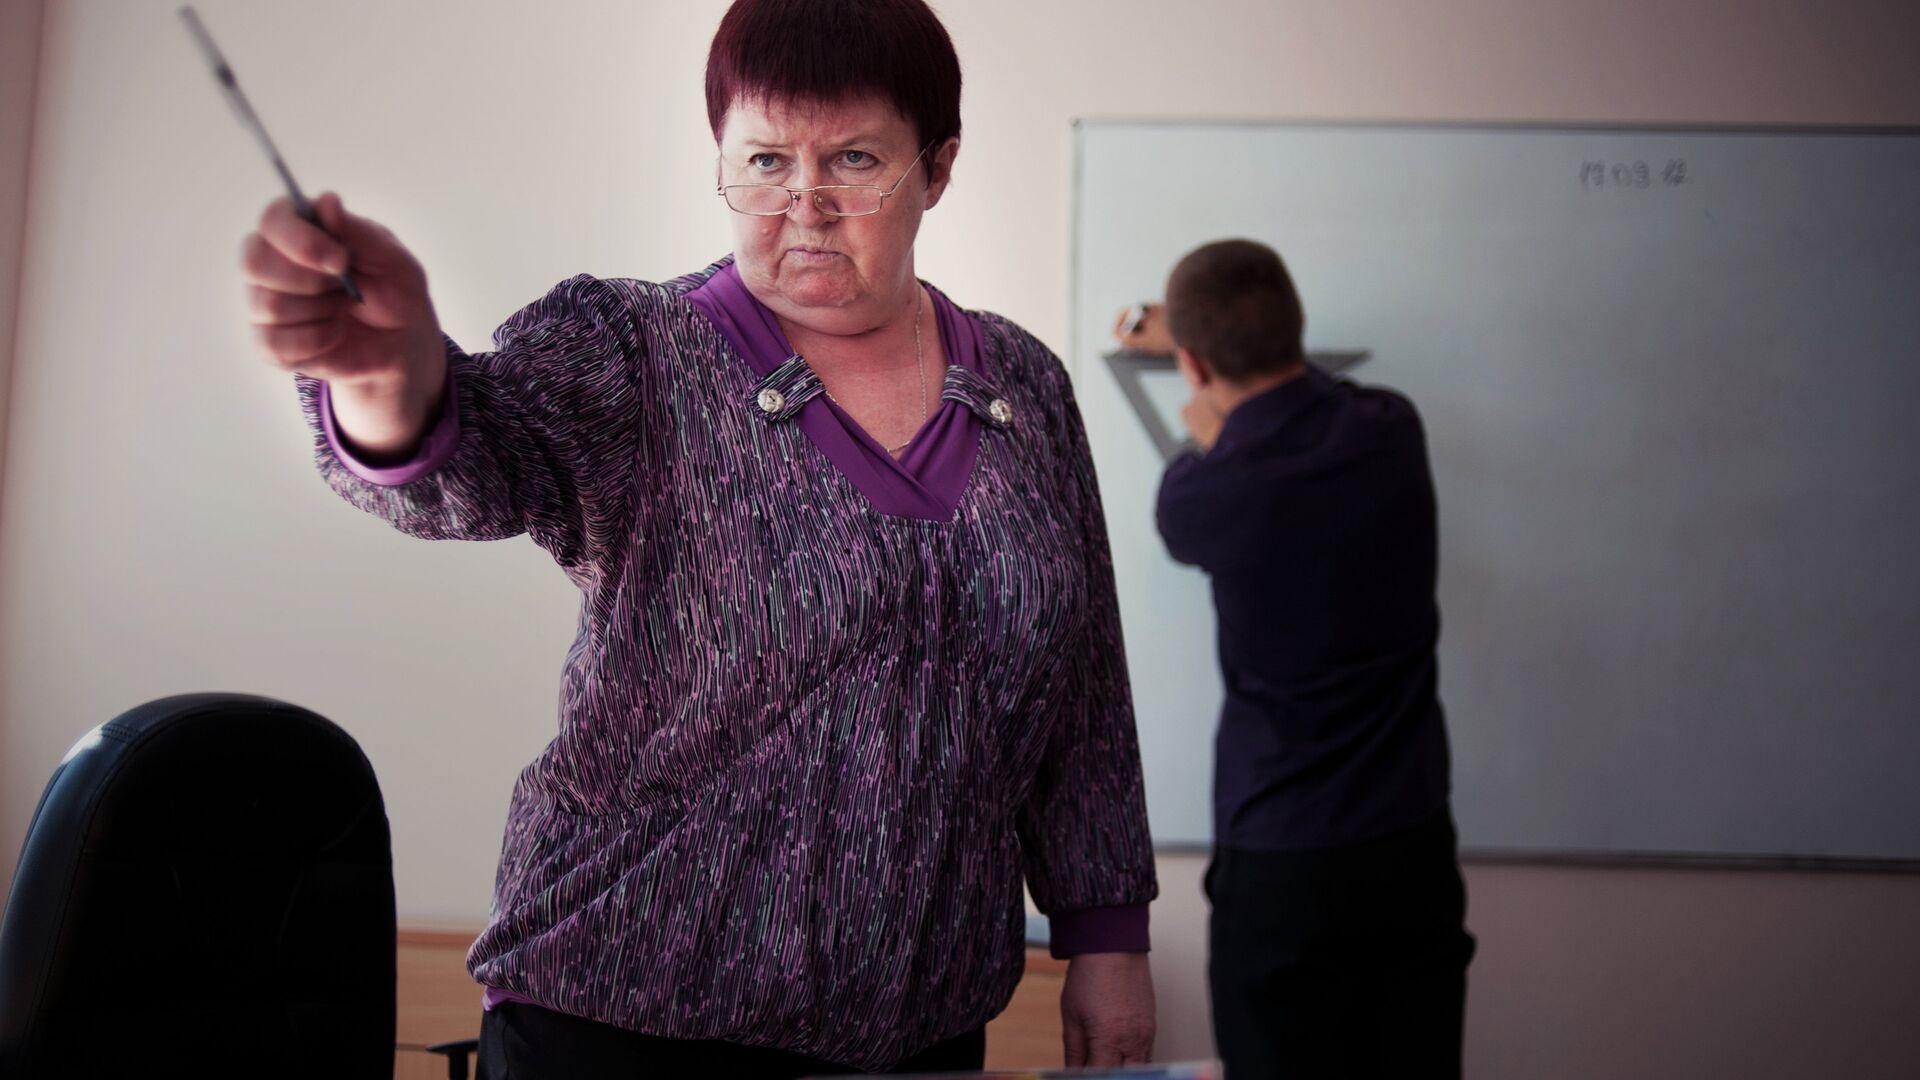 Преподаватель математики во время урока - Sputnik Латвия, 1920, 30.09.2021